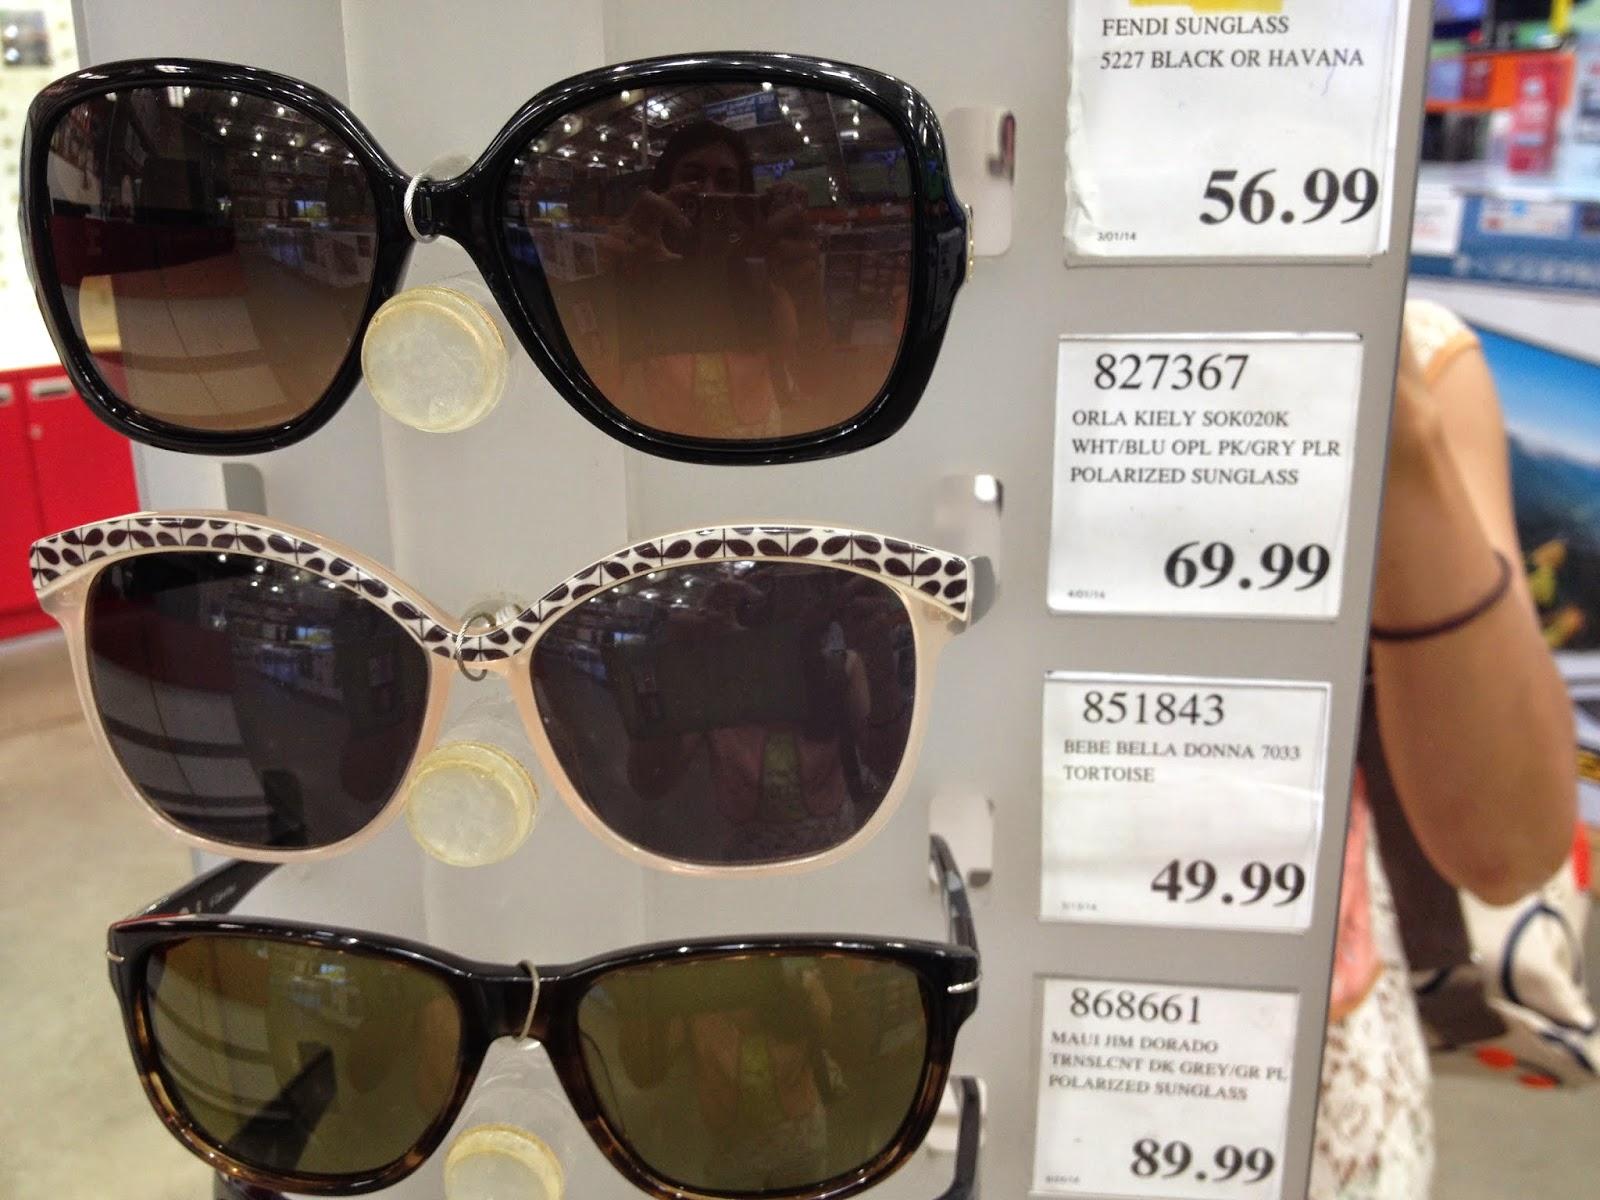 651b85888e87 Hd Prescription Sunglasses Costco